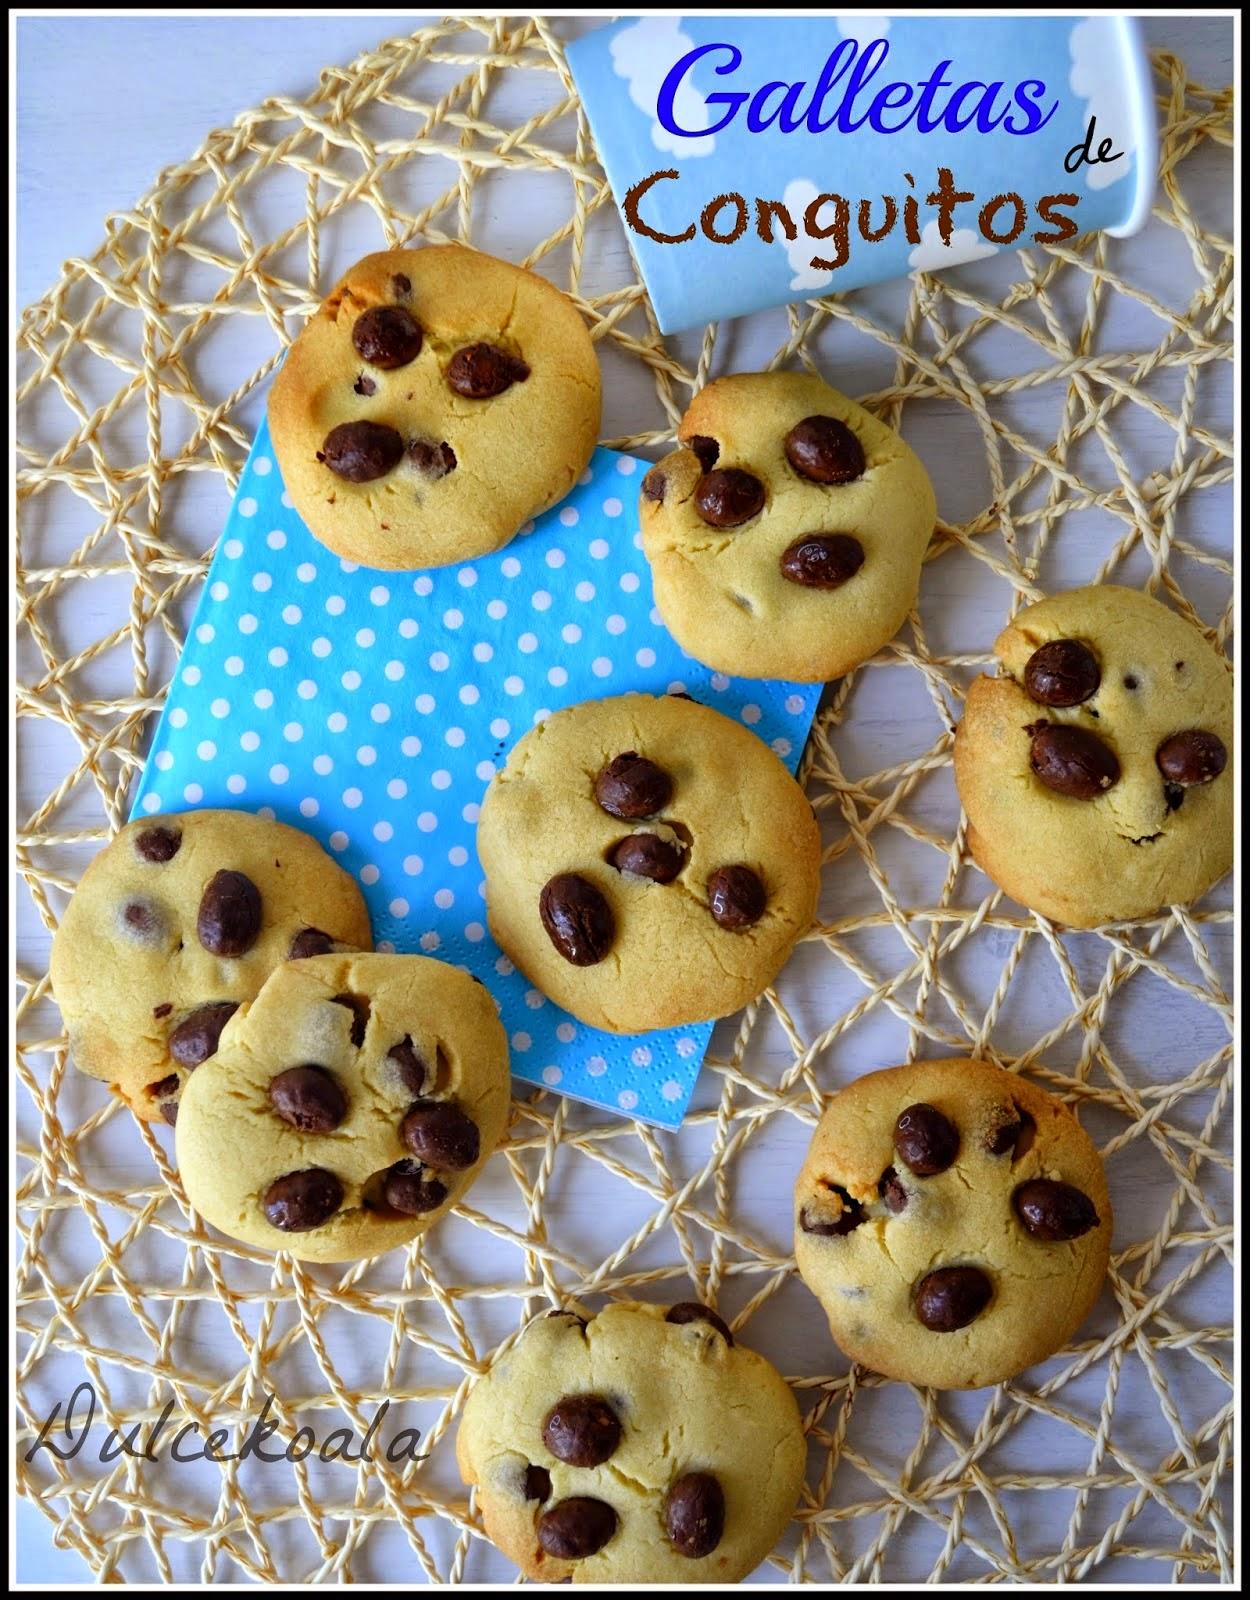 http://dulcekoala.blogspot.com.es/2014/12/galletas-de-conguitos.html